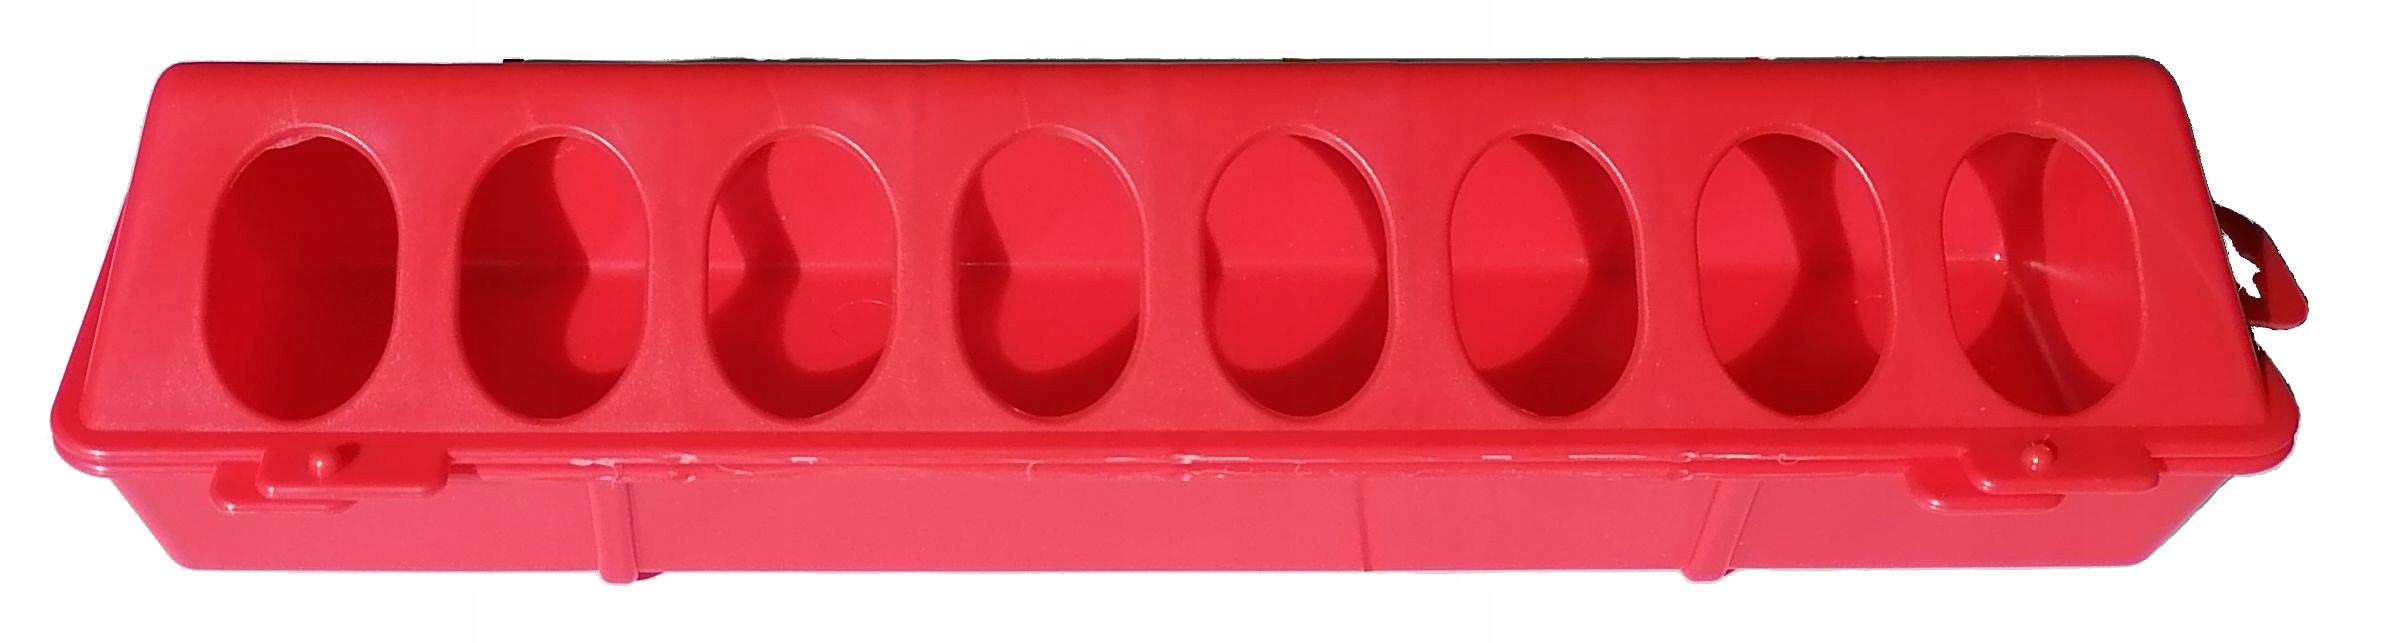 Кормушка-кормушка для цыплят 30 см красная